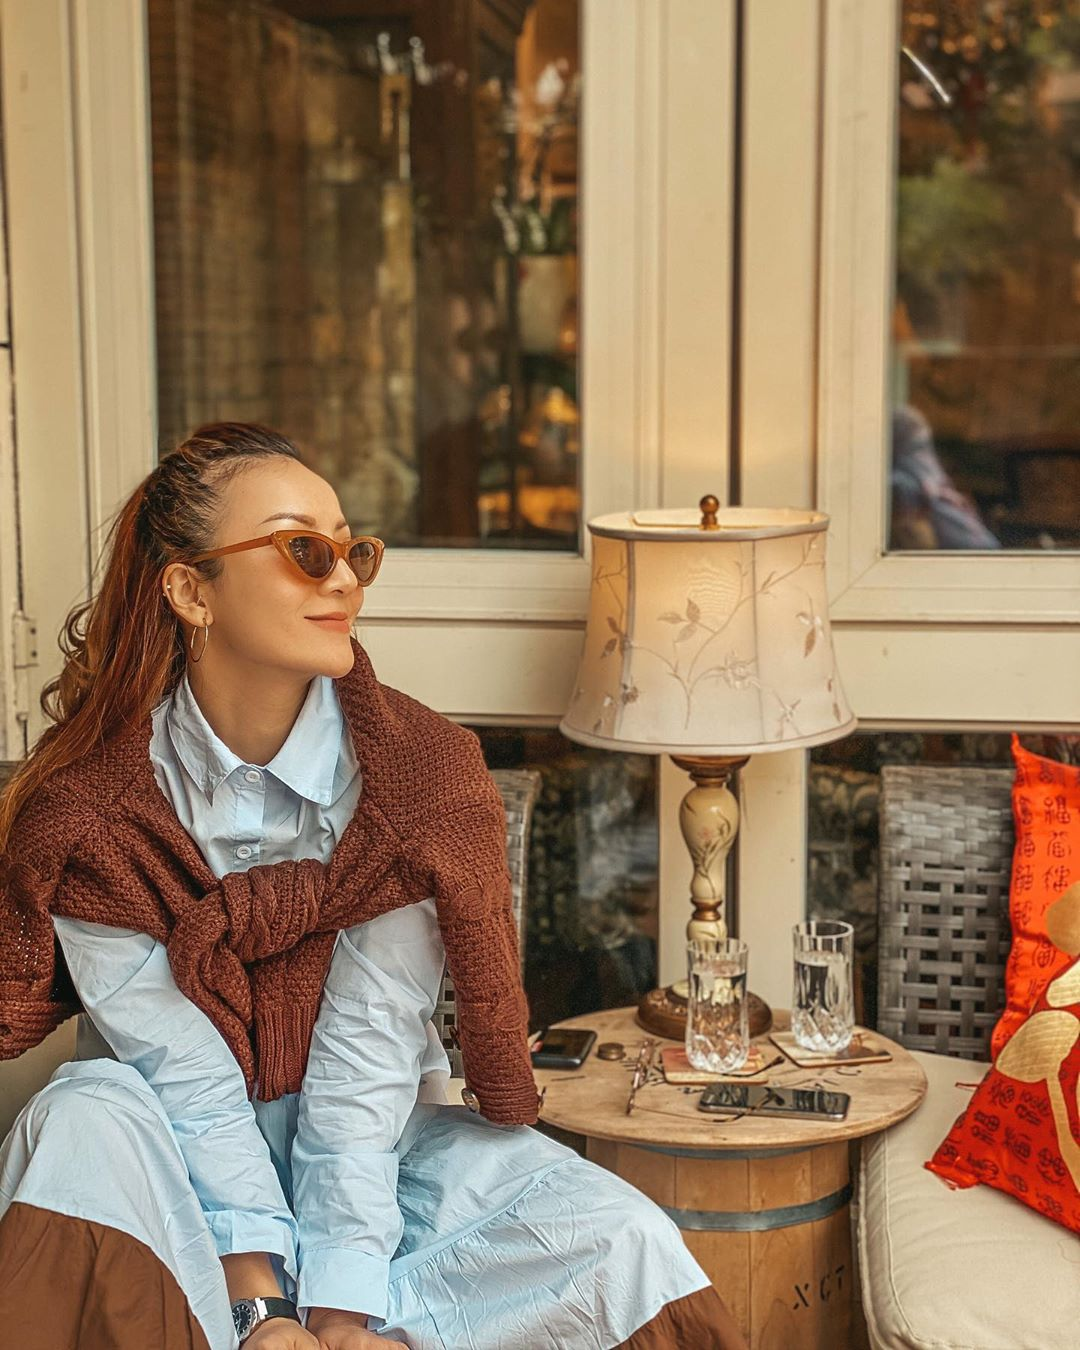 """3 kiểu áo khoác khi trở lạnh được lòng hội chị em tuổi 30+ """"nhà Vbiz"""": Phạm Quỳnh Anh nhìn như idol Kpop, Hà Tăng lại hack tuổi đỉnh cao không thua gái 18 - Ảnh 8."""